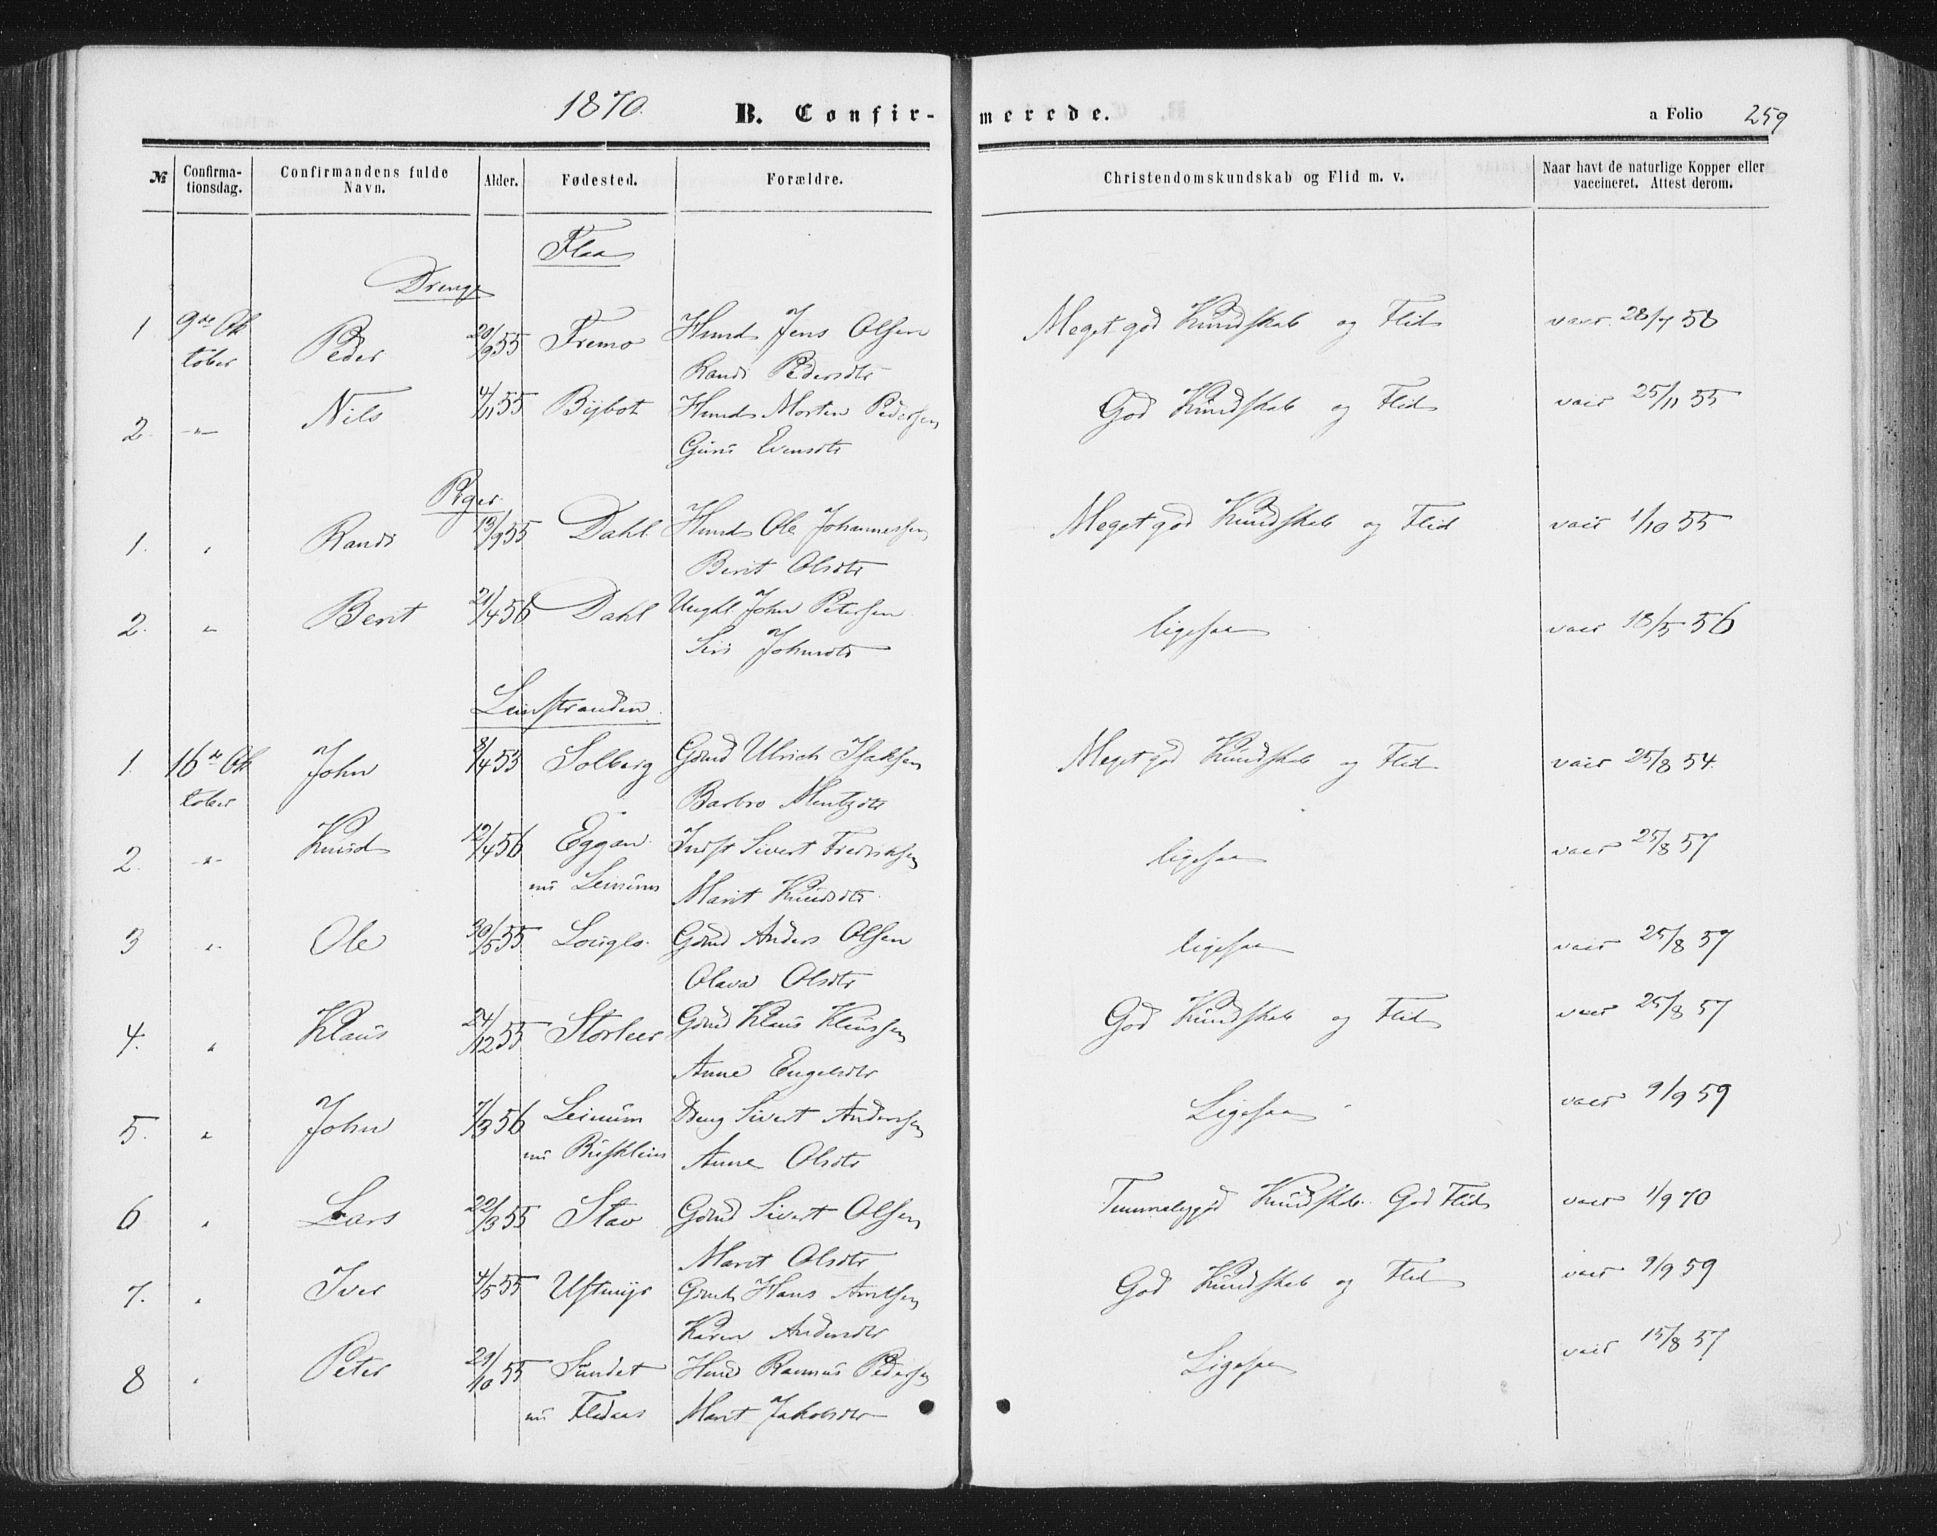 SAT, Ministerialprotokoller, klokkerbøker og fødselsregistre - Sør-Trøndelag, 691/L1077: Ministerialbok nr. 691A09, 1862-1873, s. 259